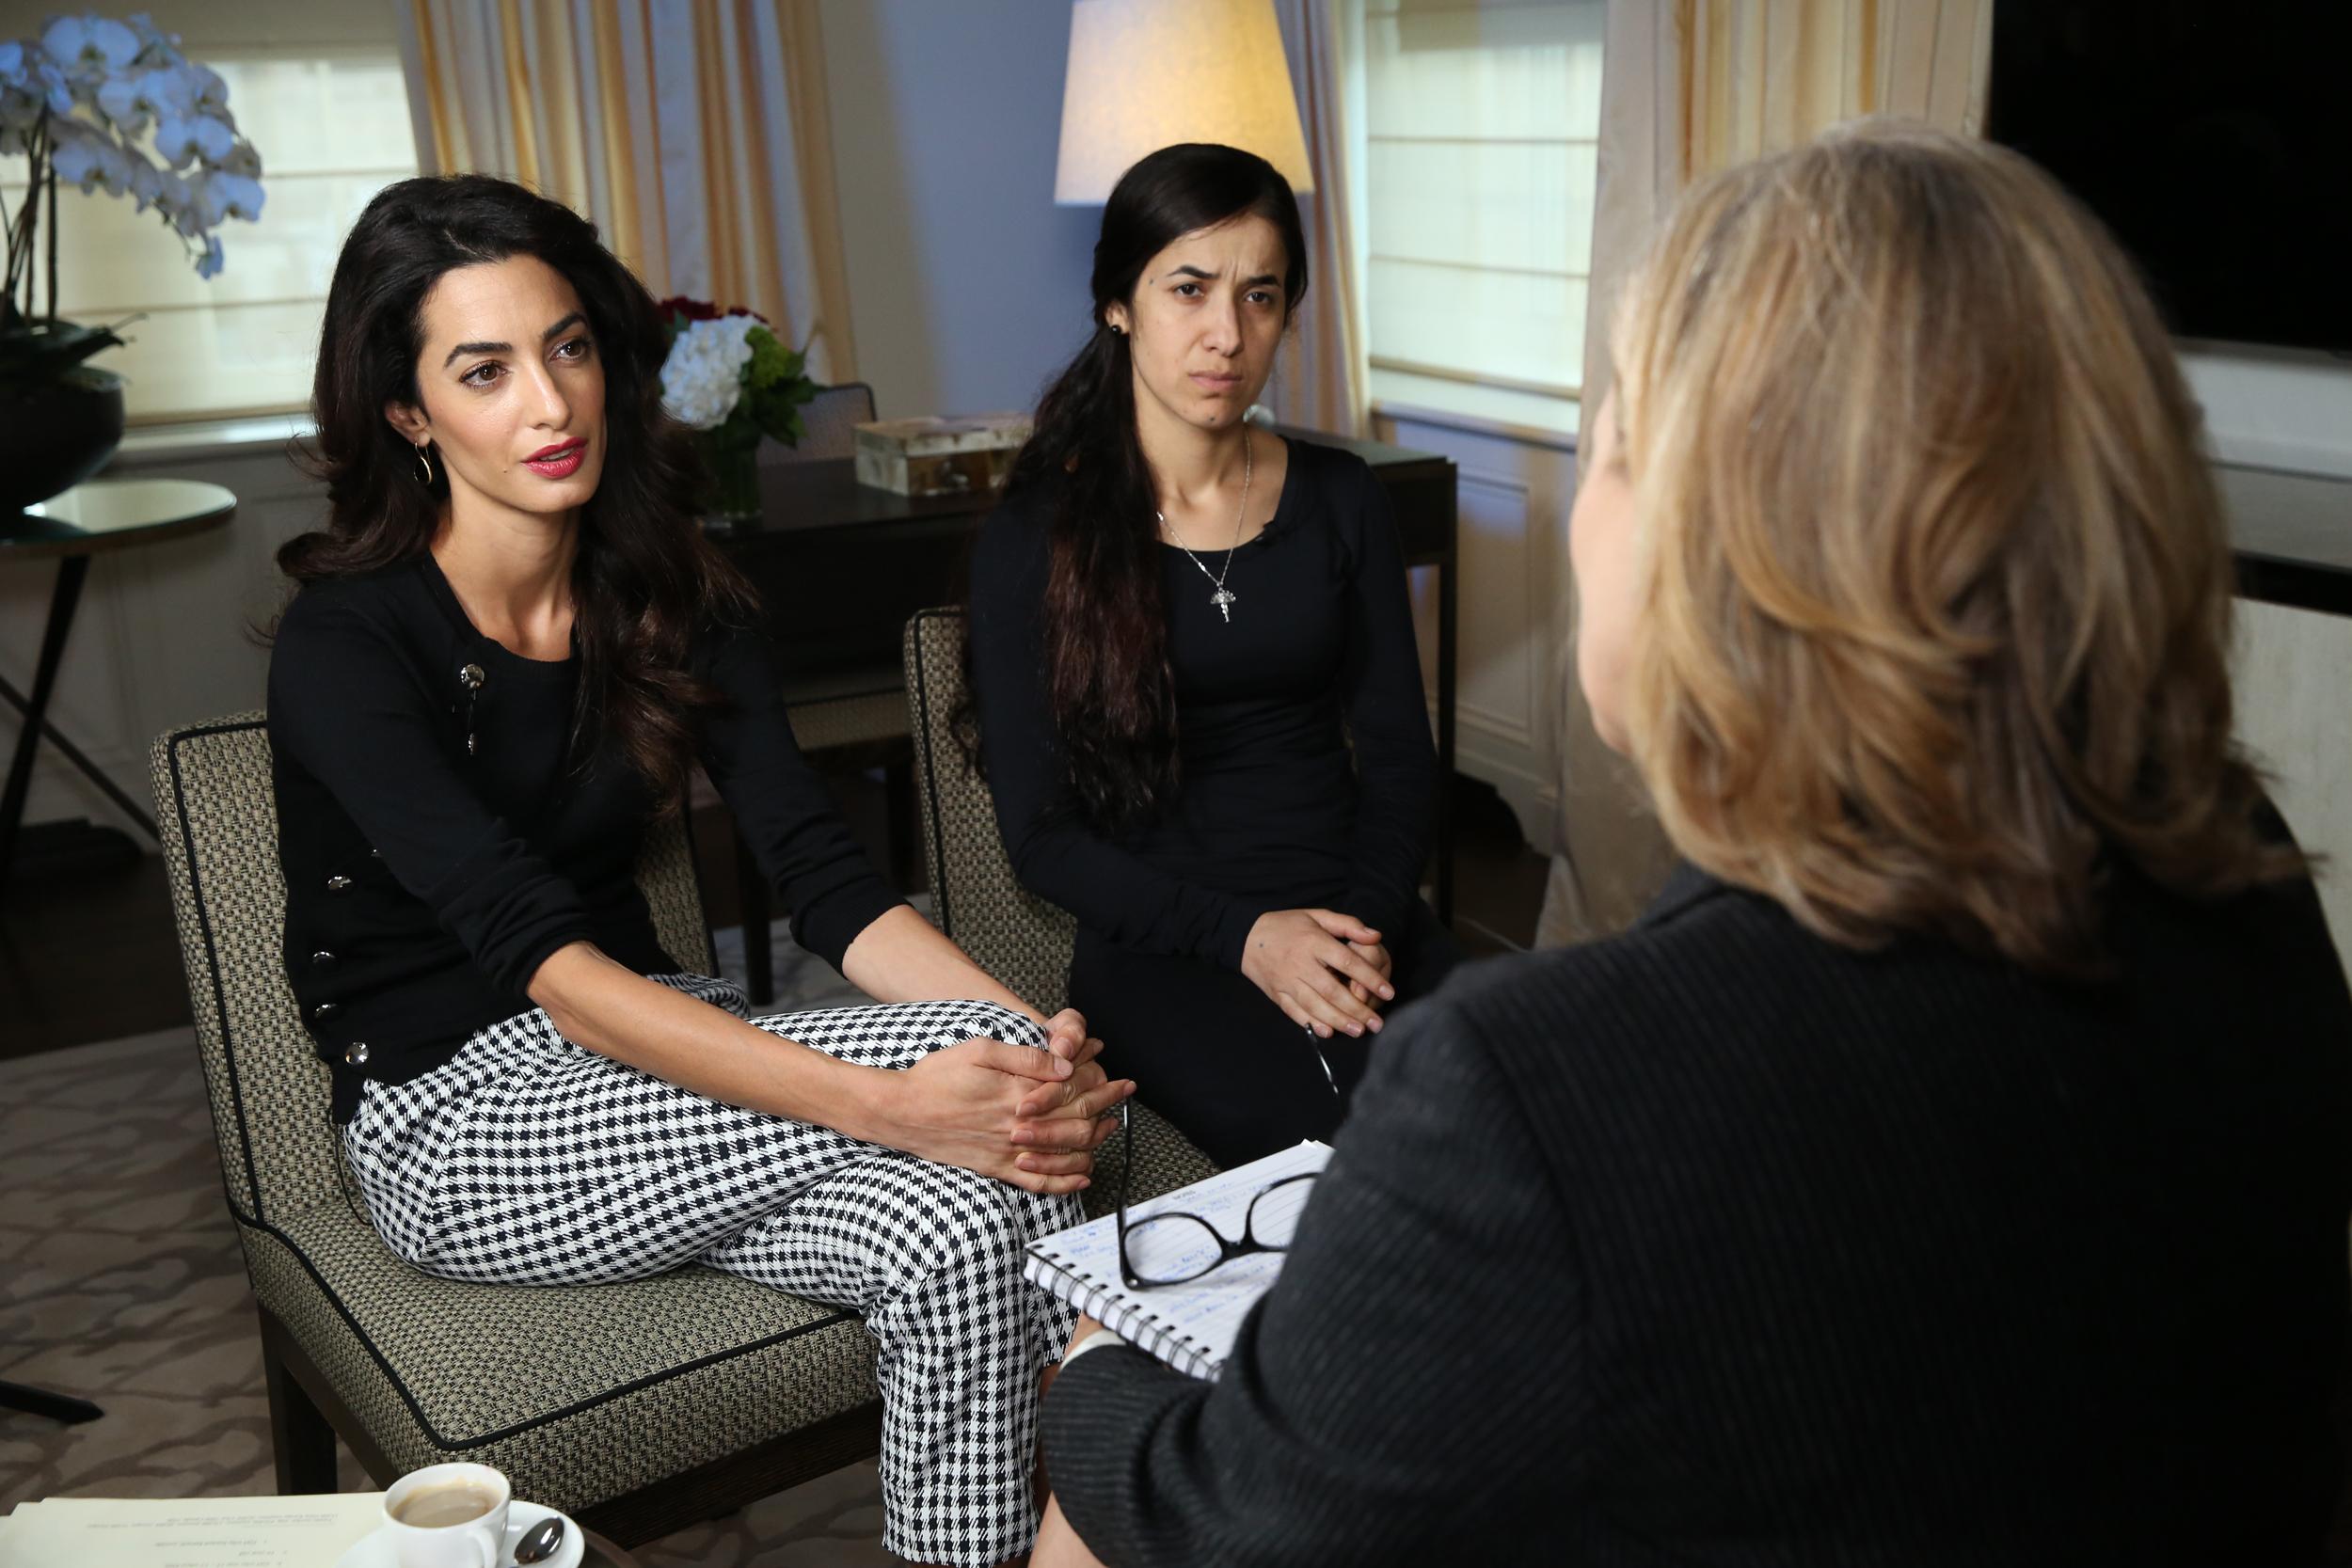 Amal Clooney Wants to Sue ISIS(Daesh) | Kaya Gravitter Blogs